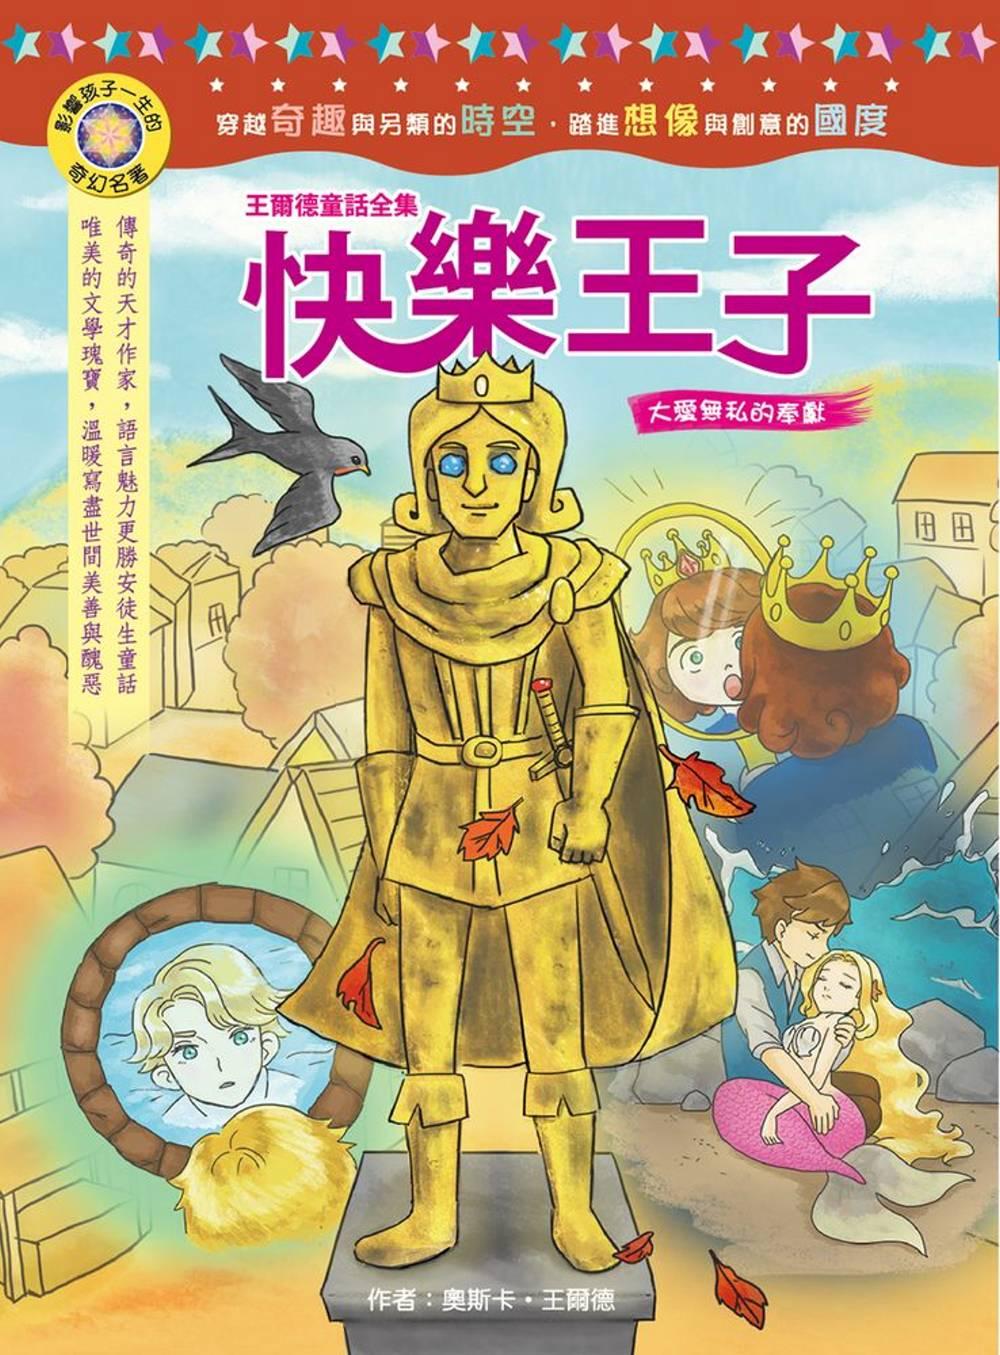 影響孩子一生的奇幻名著:王爾德童話全集—快樂王子